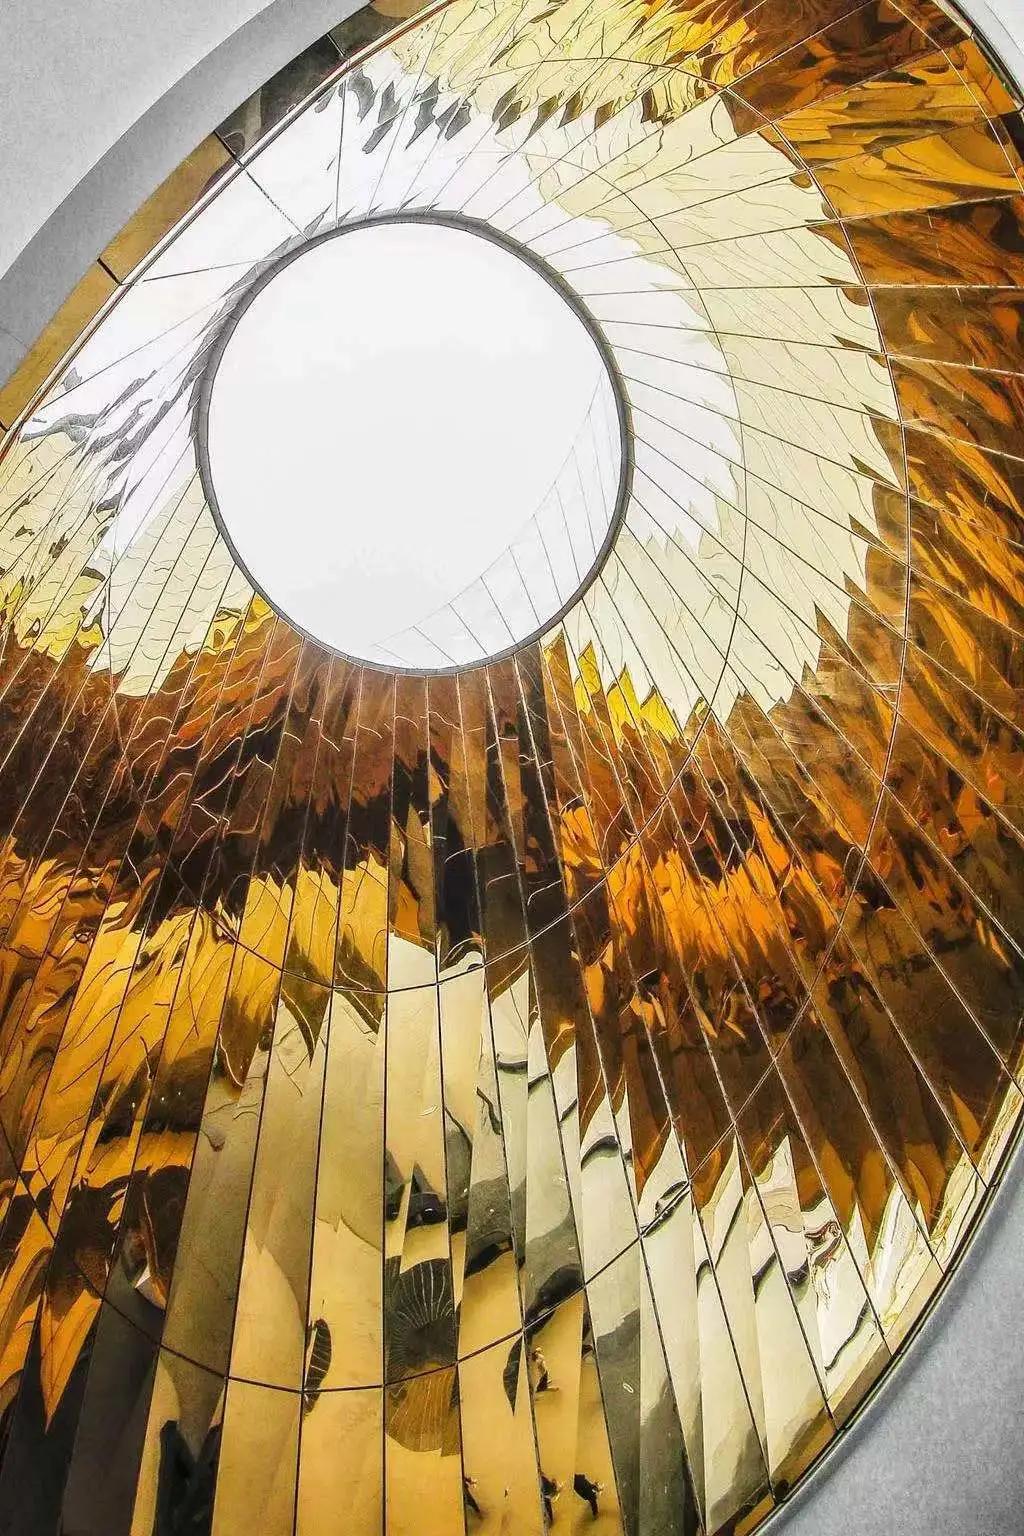 震撼�硪u!耗�Y6�|的全球最大天文�^―上海天文�^�@�G亮相